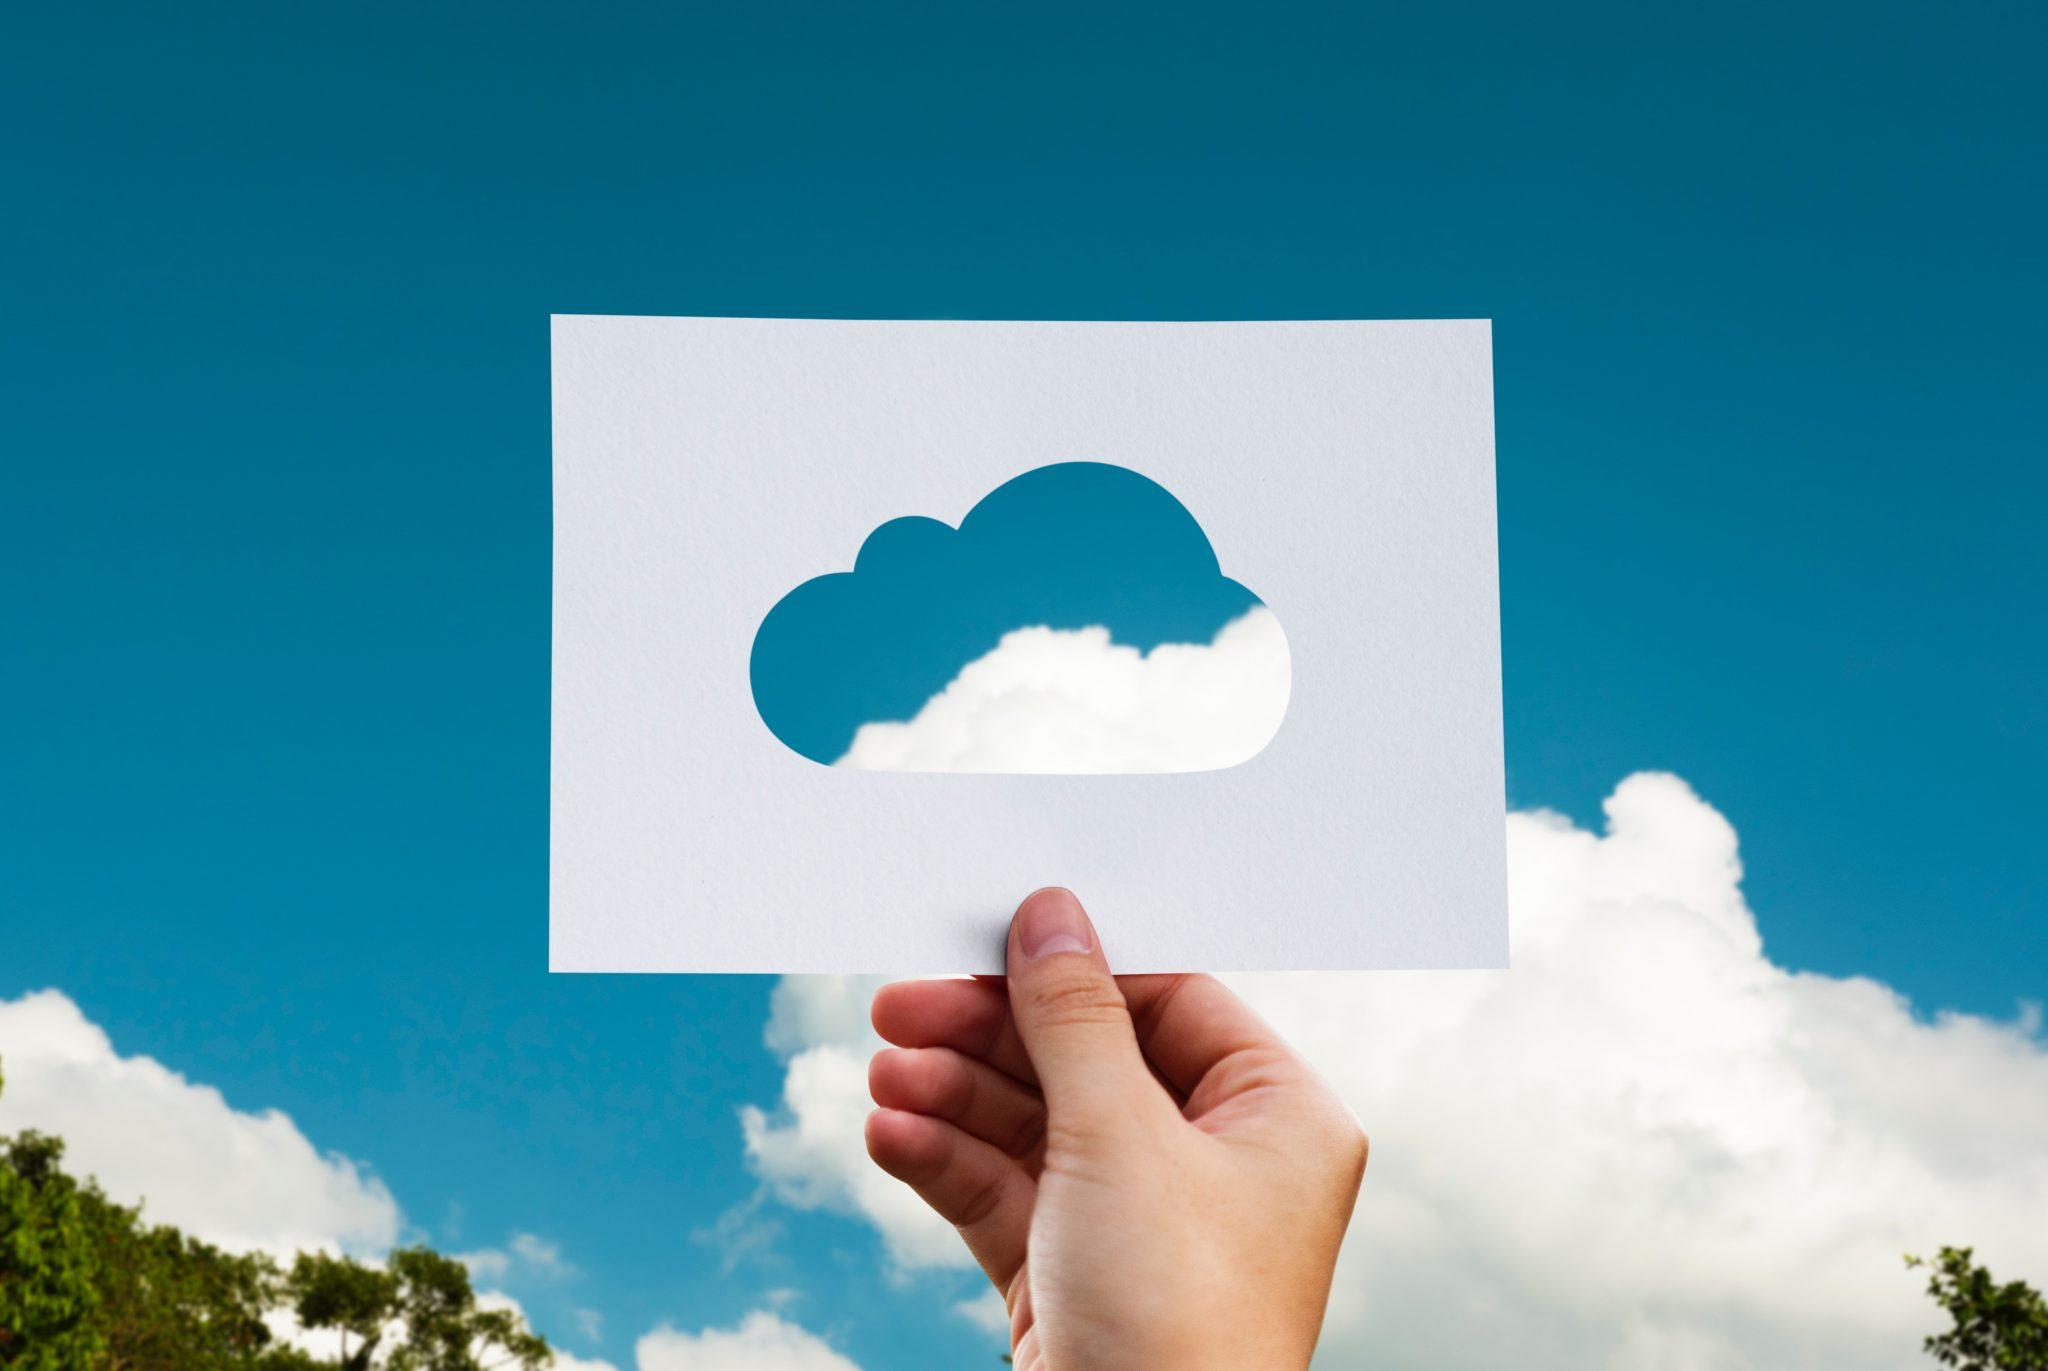 El mercado cloud 2019: en auge, pero cada vez más concentrado